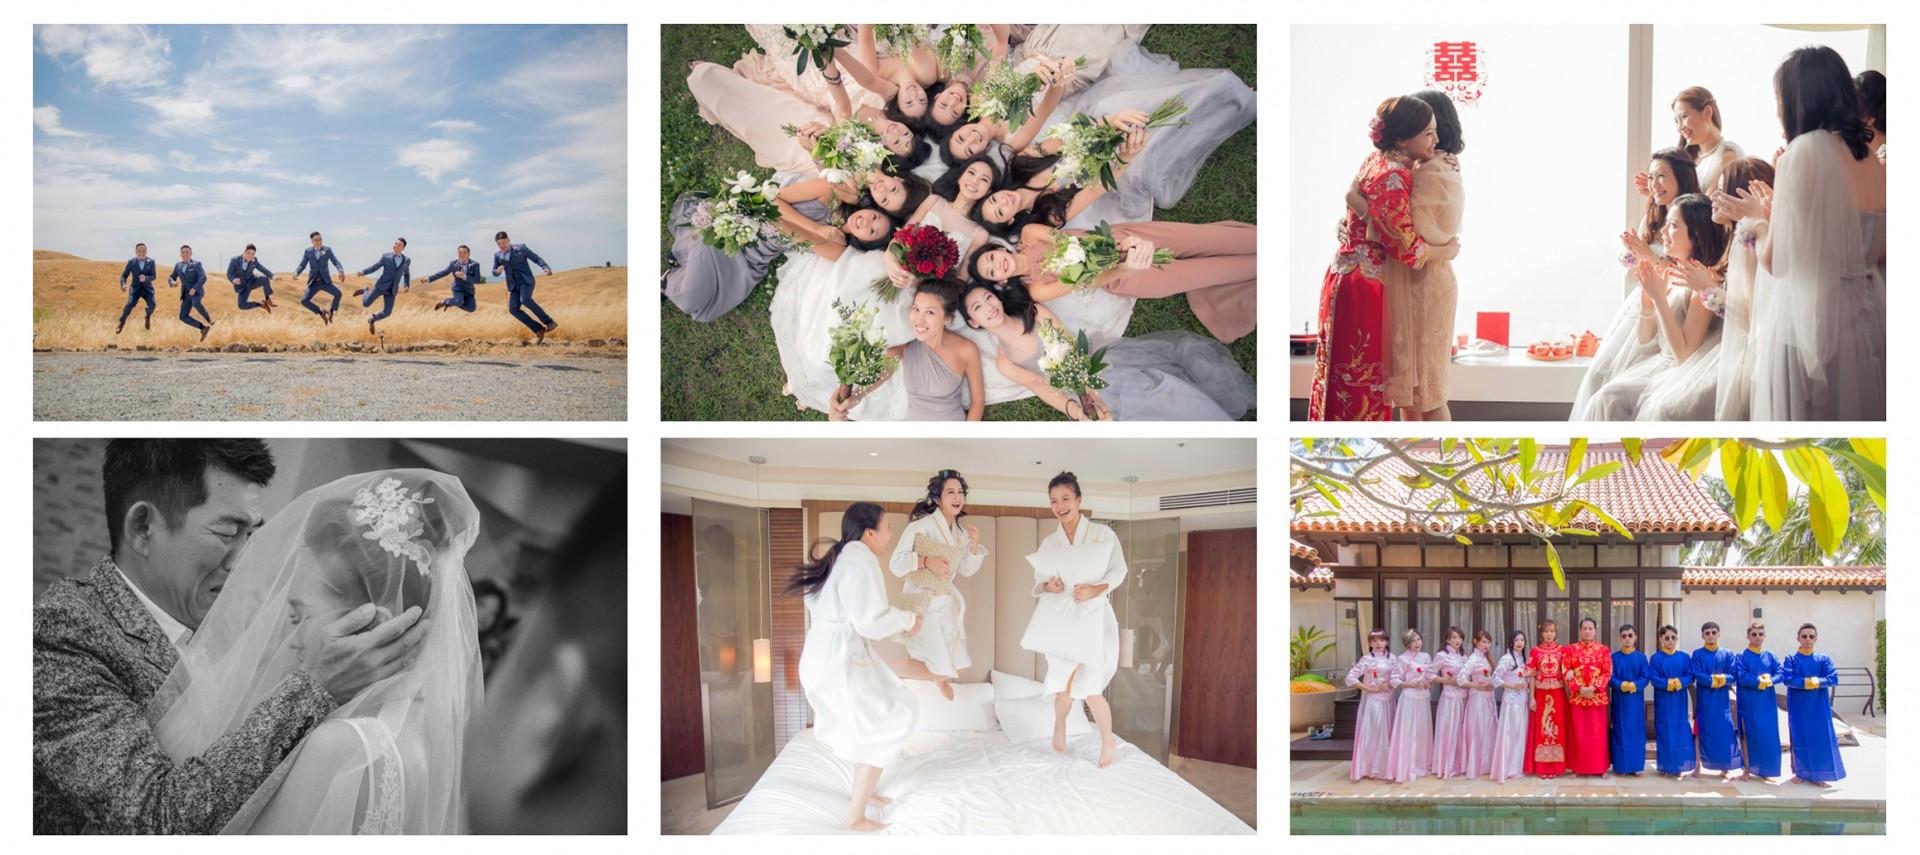 場地集合,台北婚禮場地,結婚好日子,婚攝推薦,婚禮記錄,台北婚攝,婚攝ptt推薦